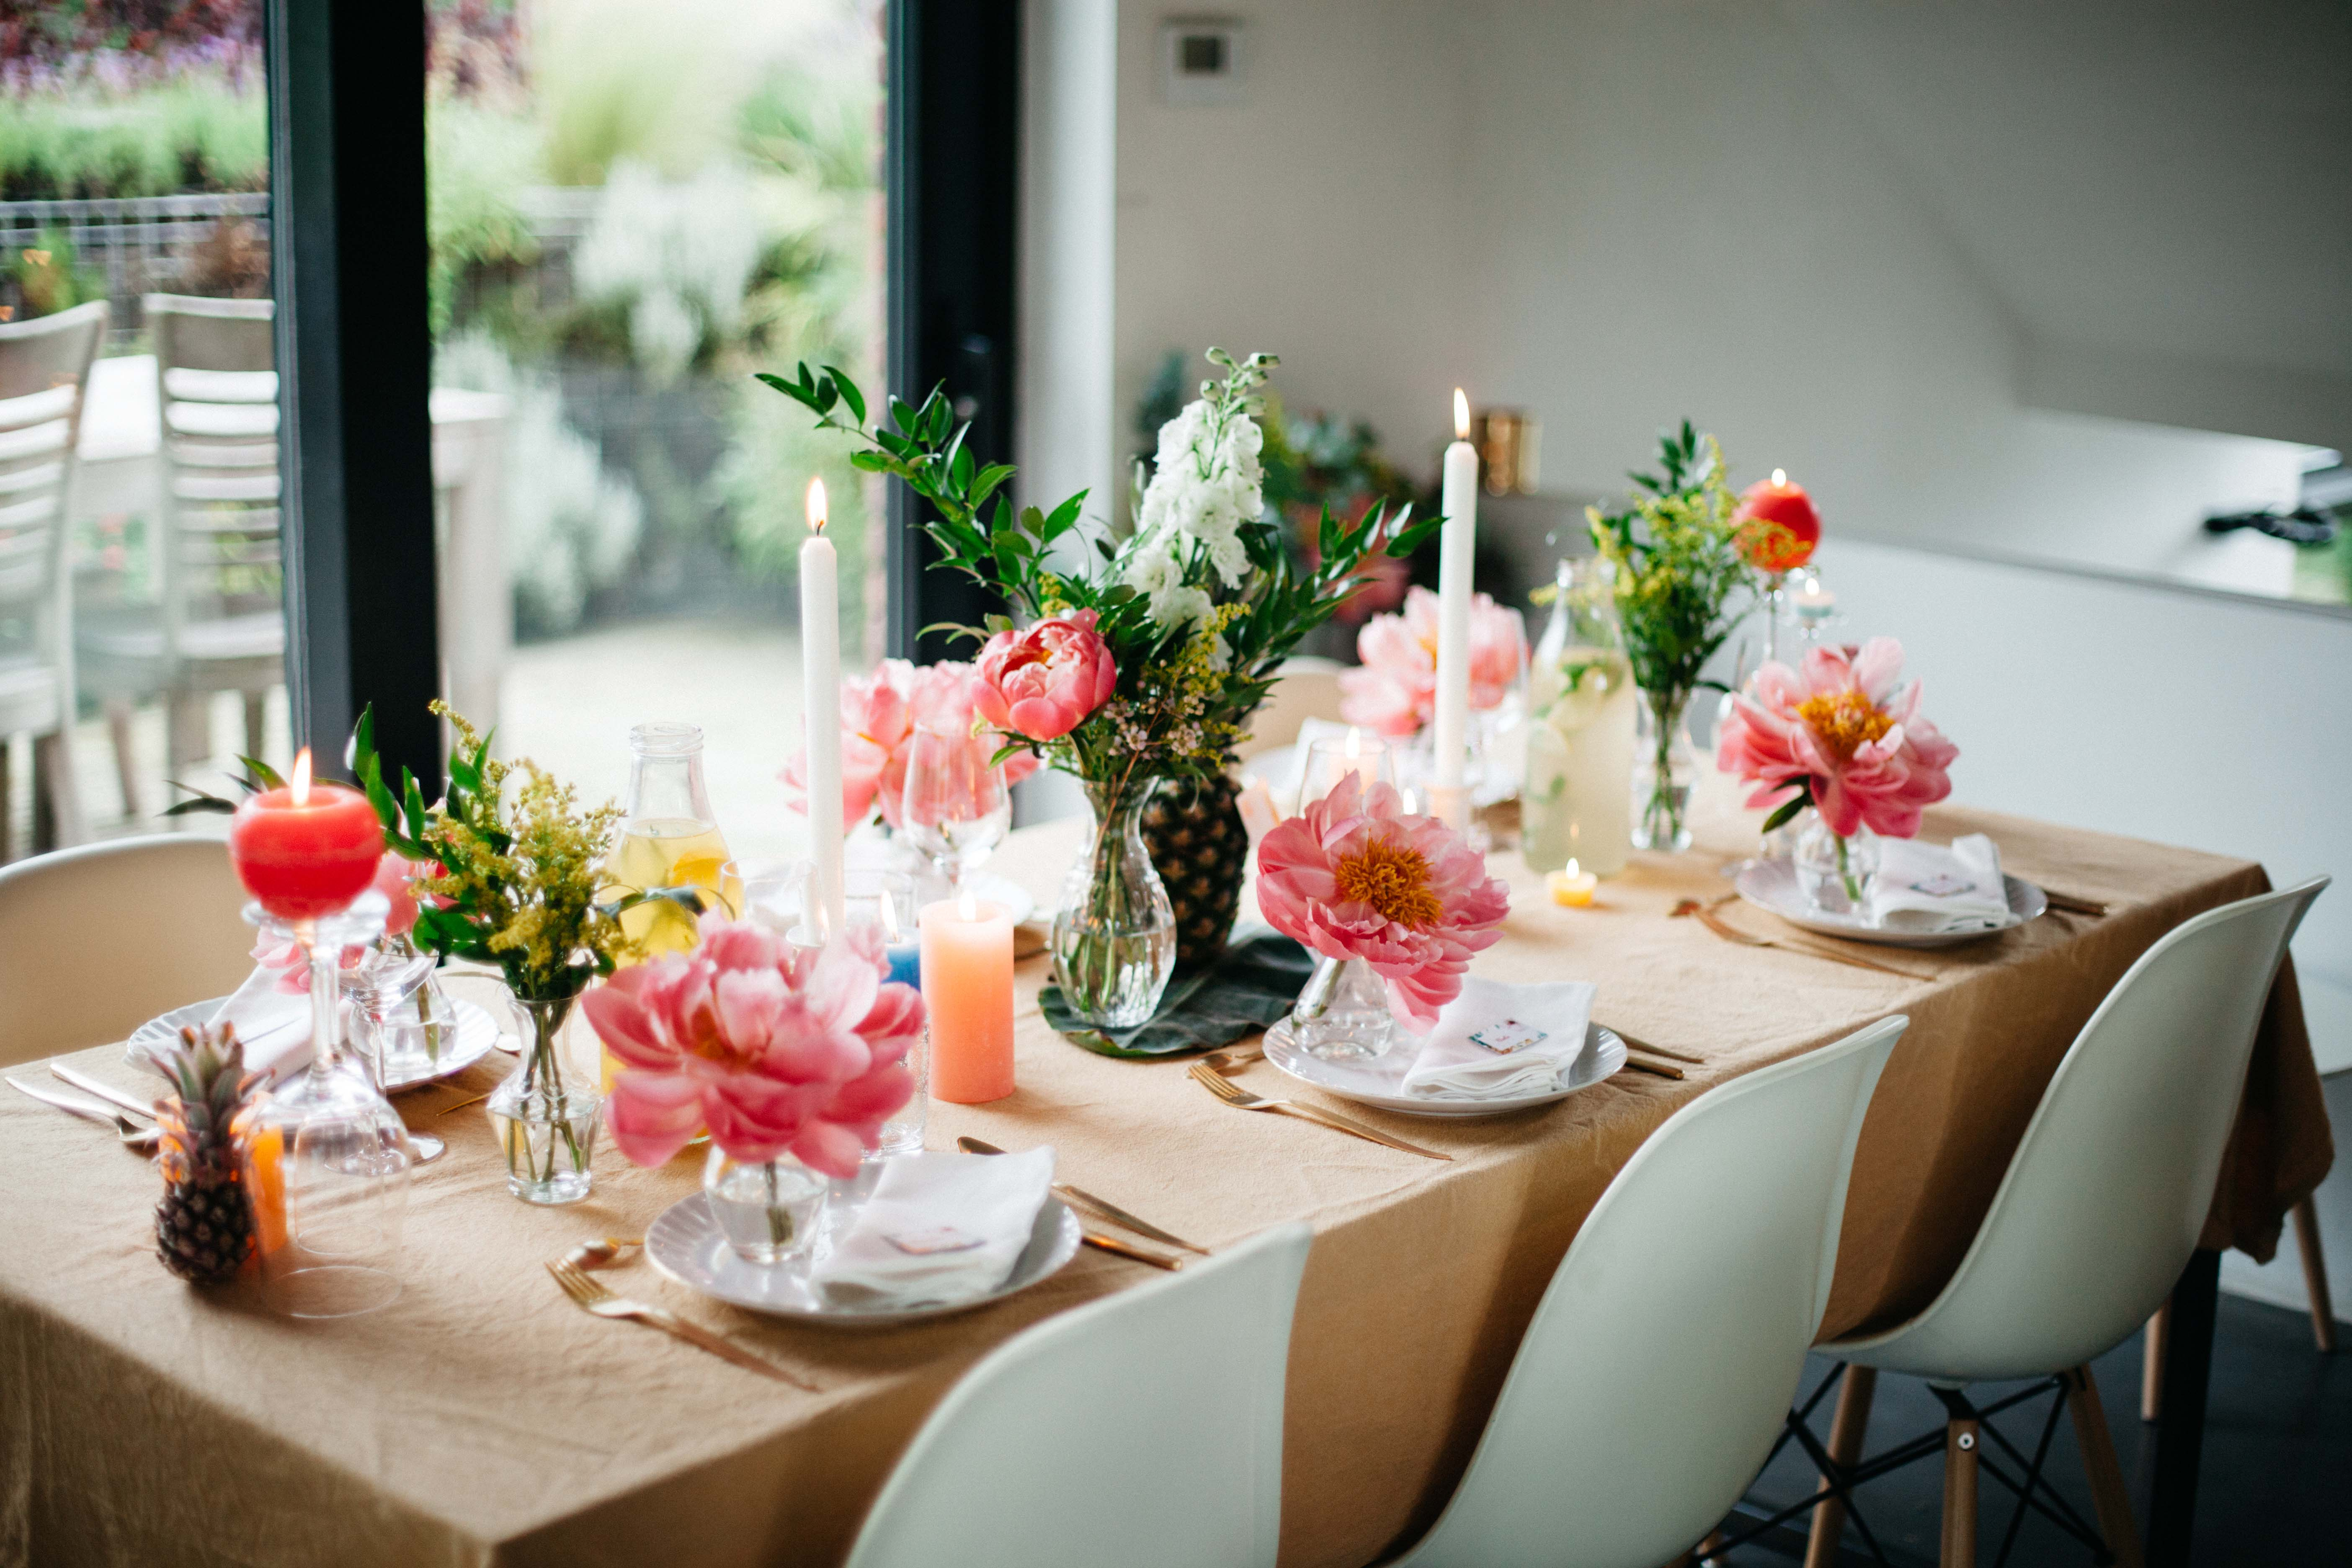 mon bbq sunset party les recettes la jolie table les invitations fouettmagic. Black Bedroom Furniture Sets. Home Design Ideas